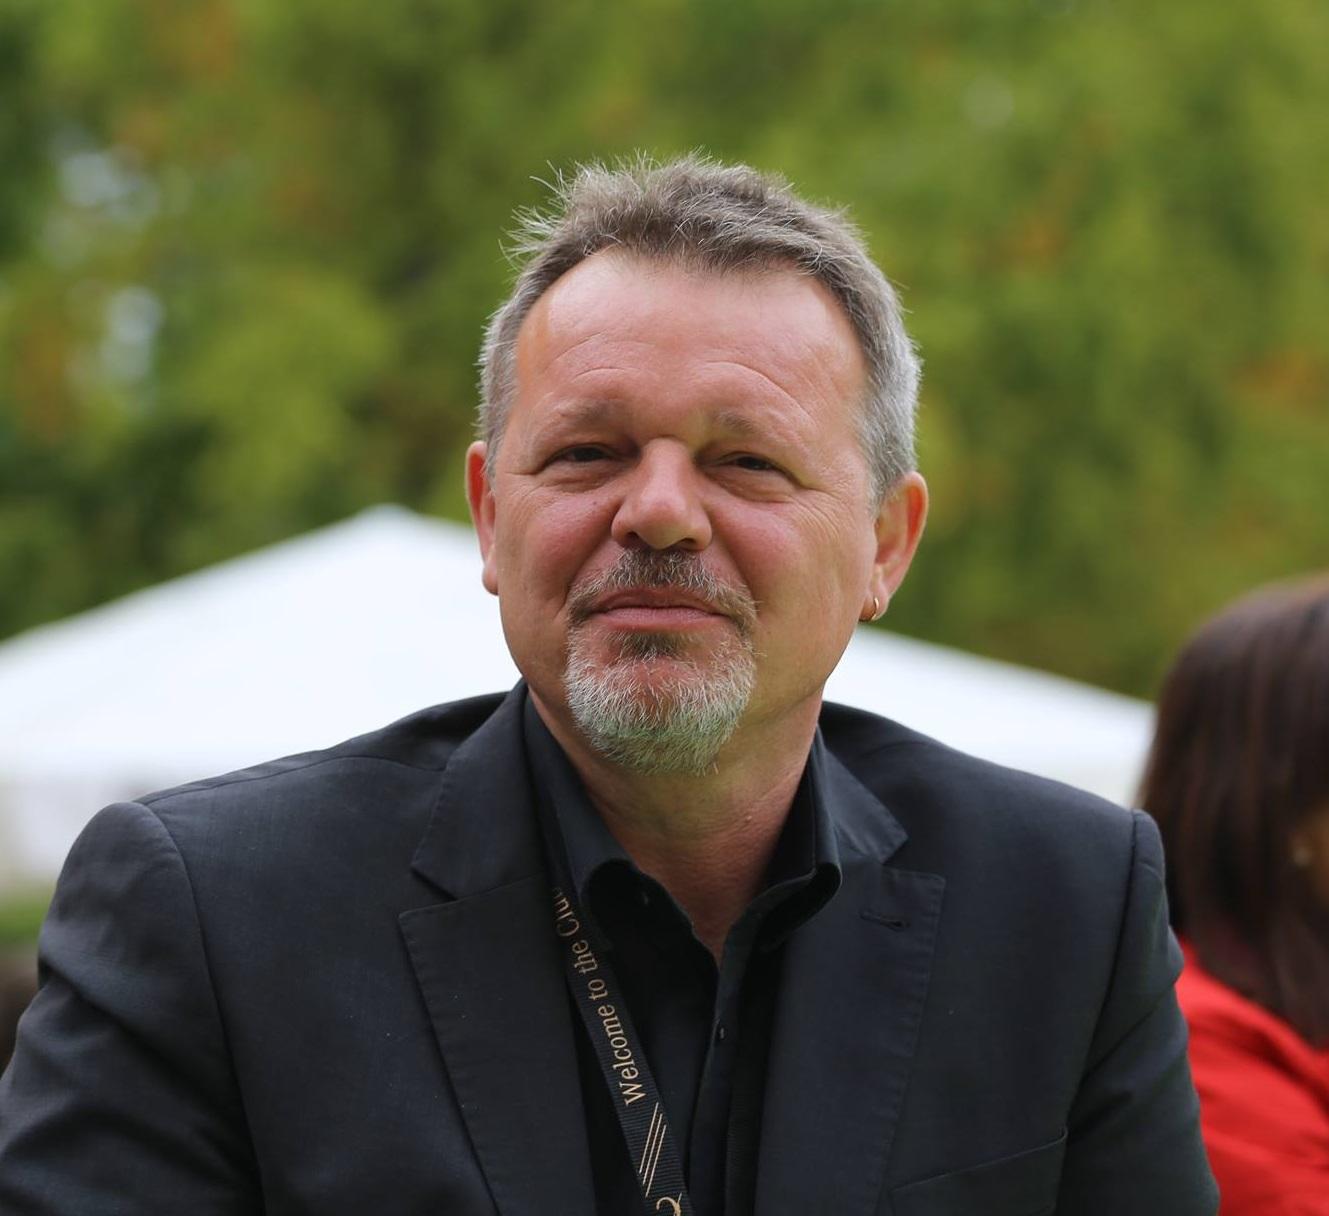 """Steffen Meier: Ich bin Gründer und Verleger des Branchenmagazins """"digital publishing report"""""""